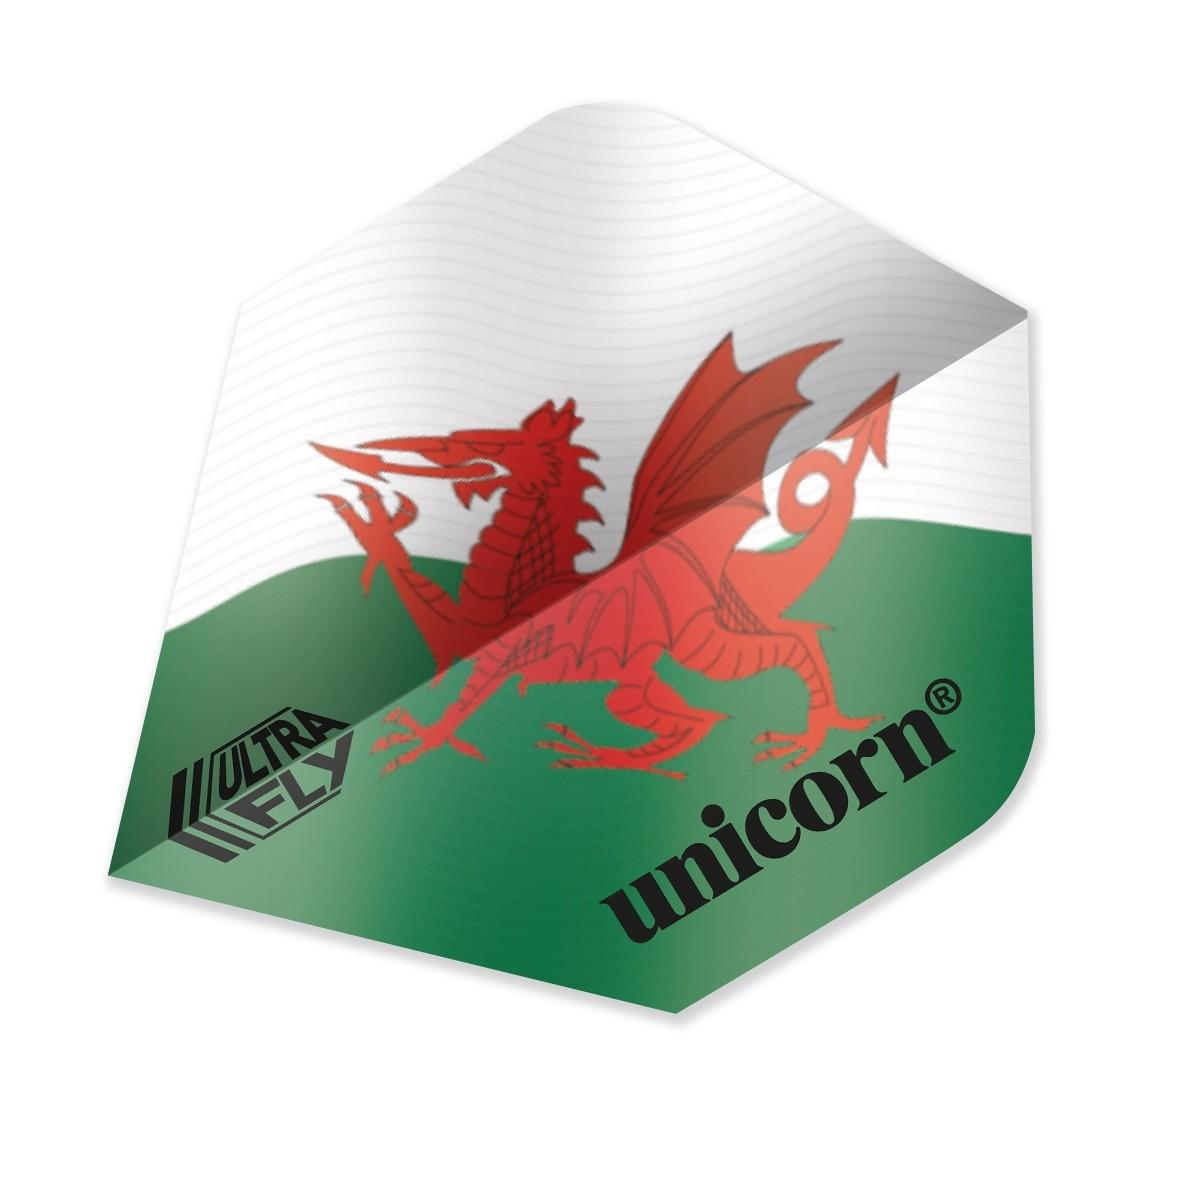 Ultrafly Wales Flag Plus Flight